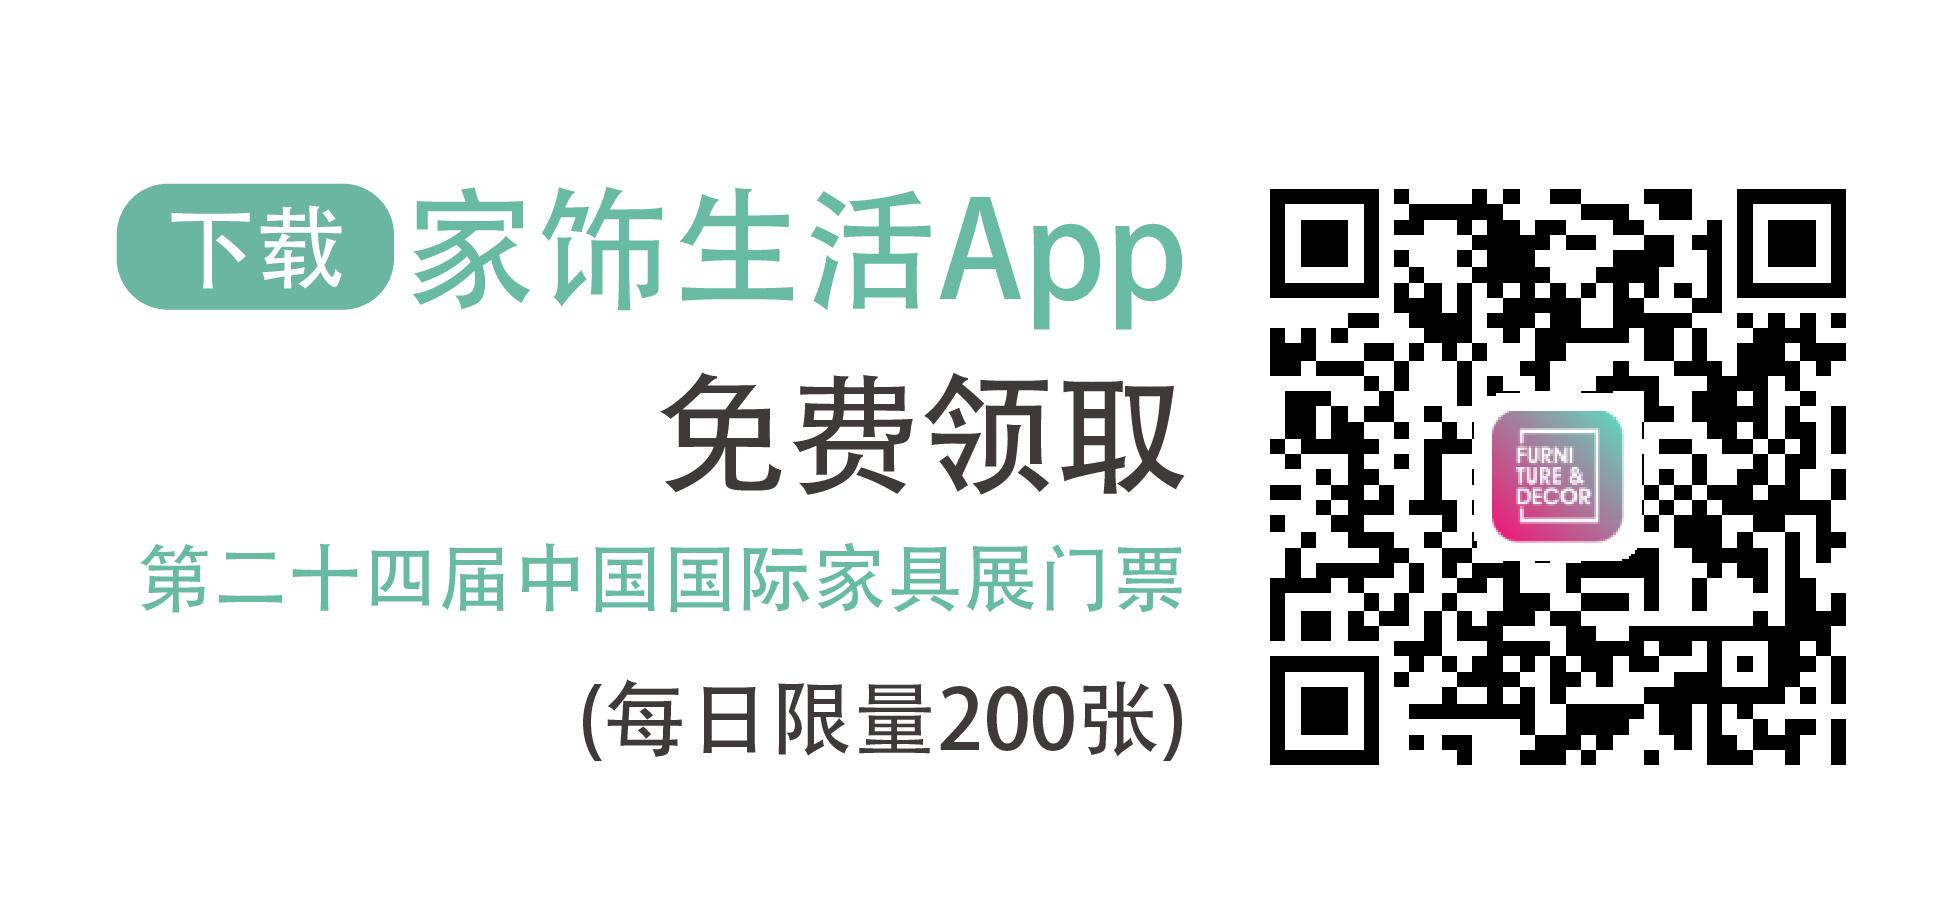 家饰生活App